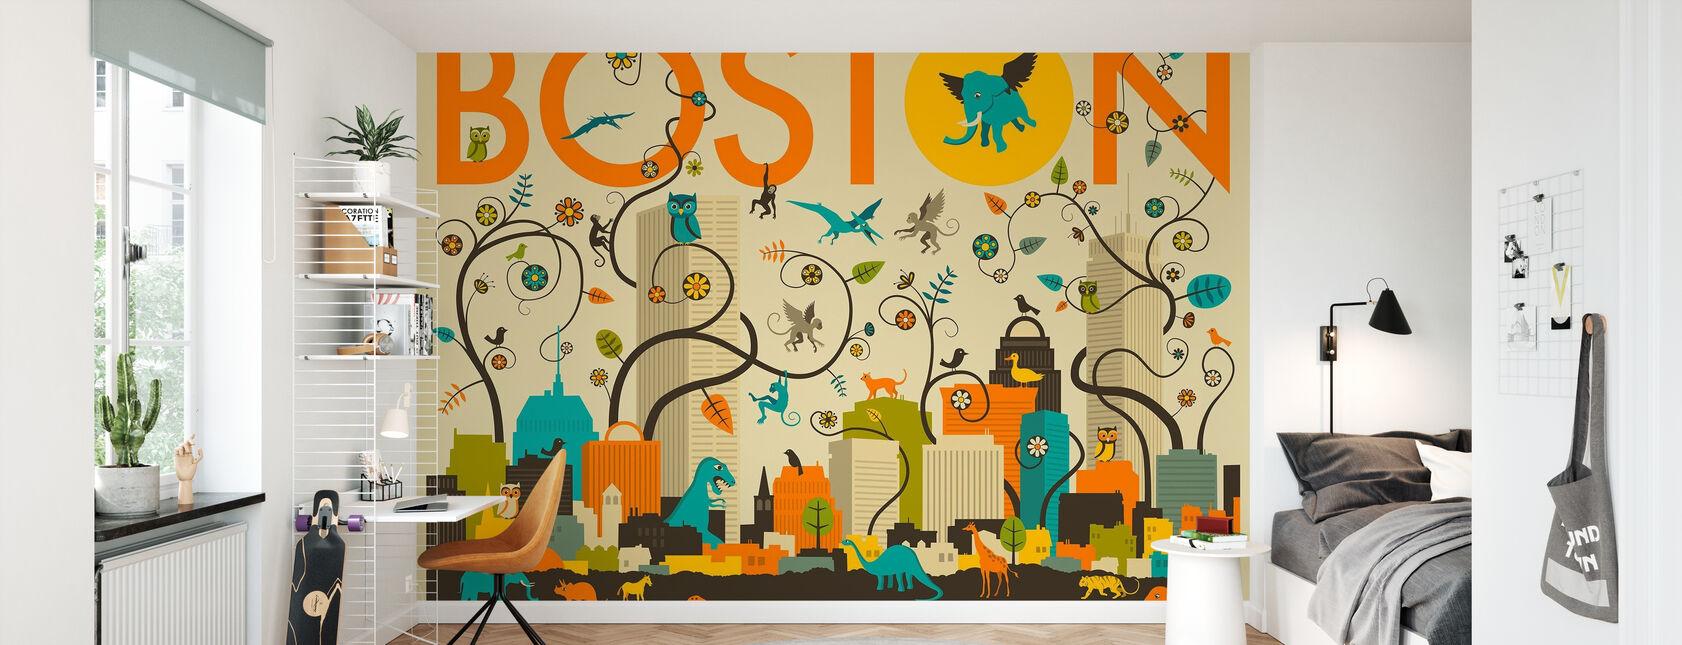 Boston Eläimet - Tapetti - Lastenhuone